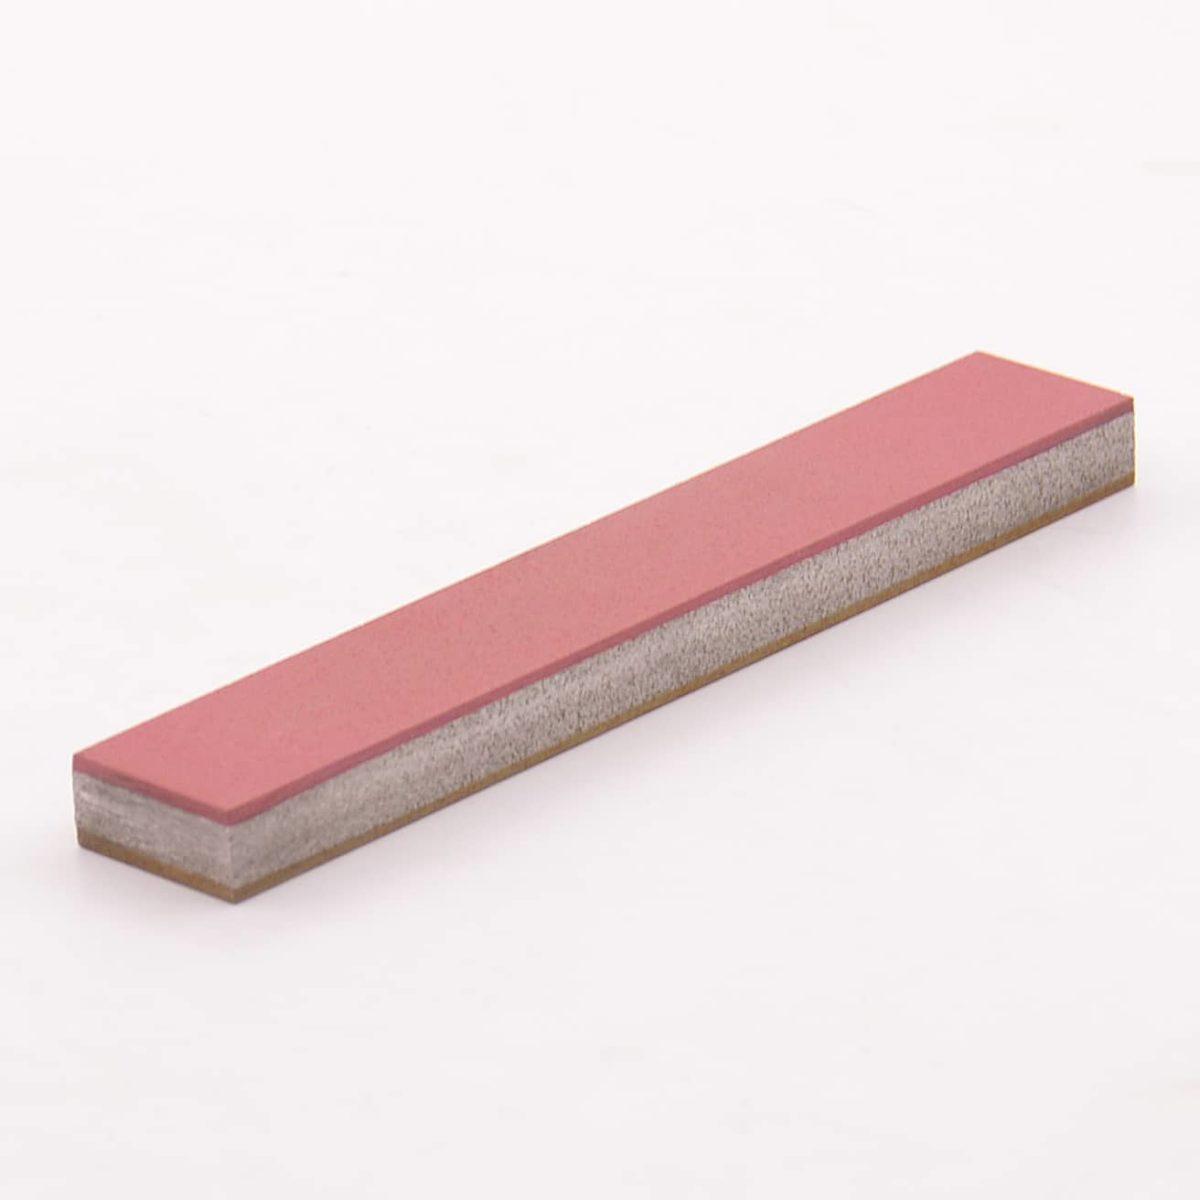 Алмазный 2-х сторонний брусок VID 7/5-3/2 OSB С100%, 25мм